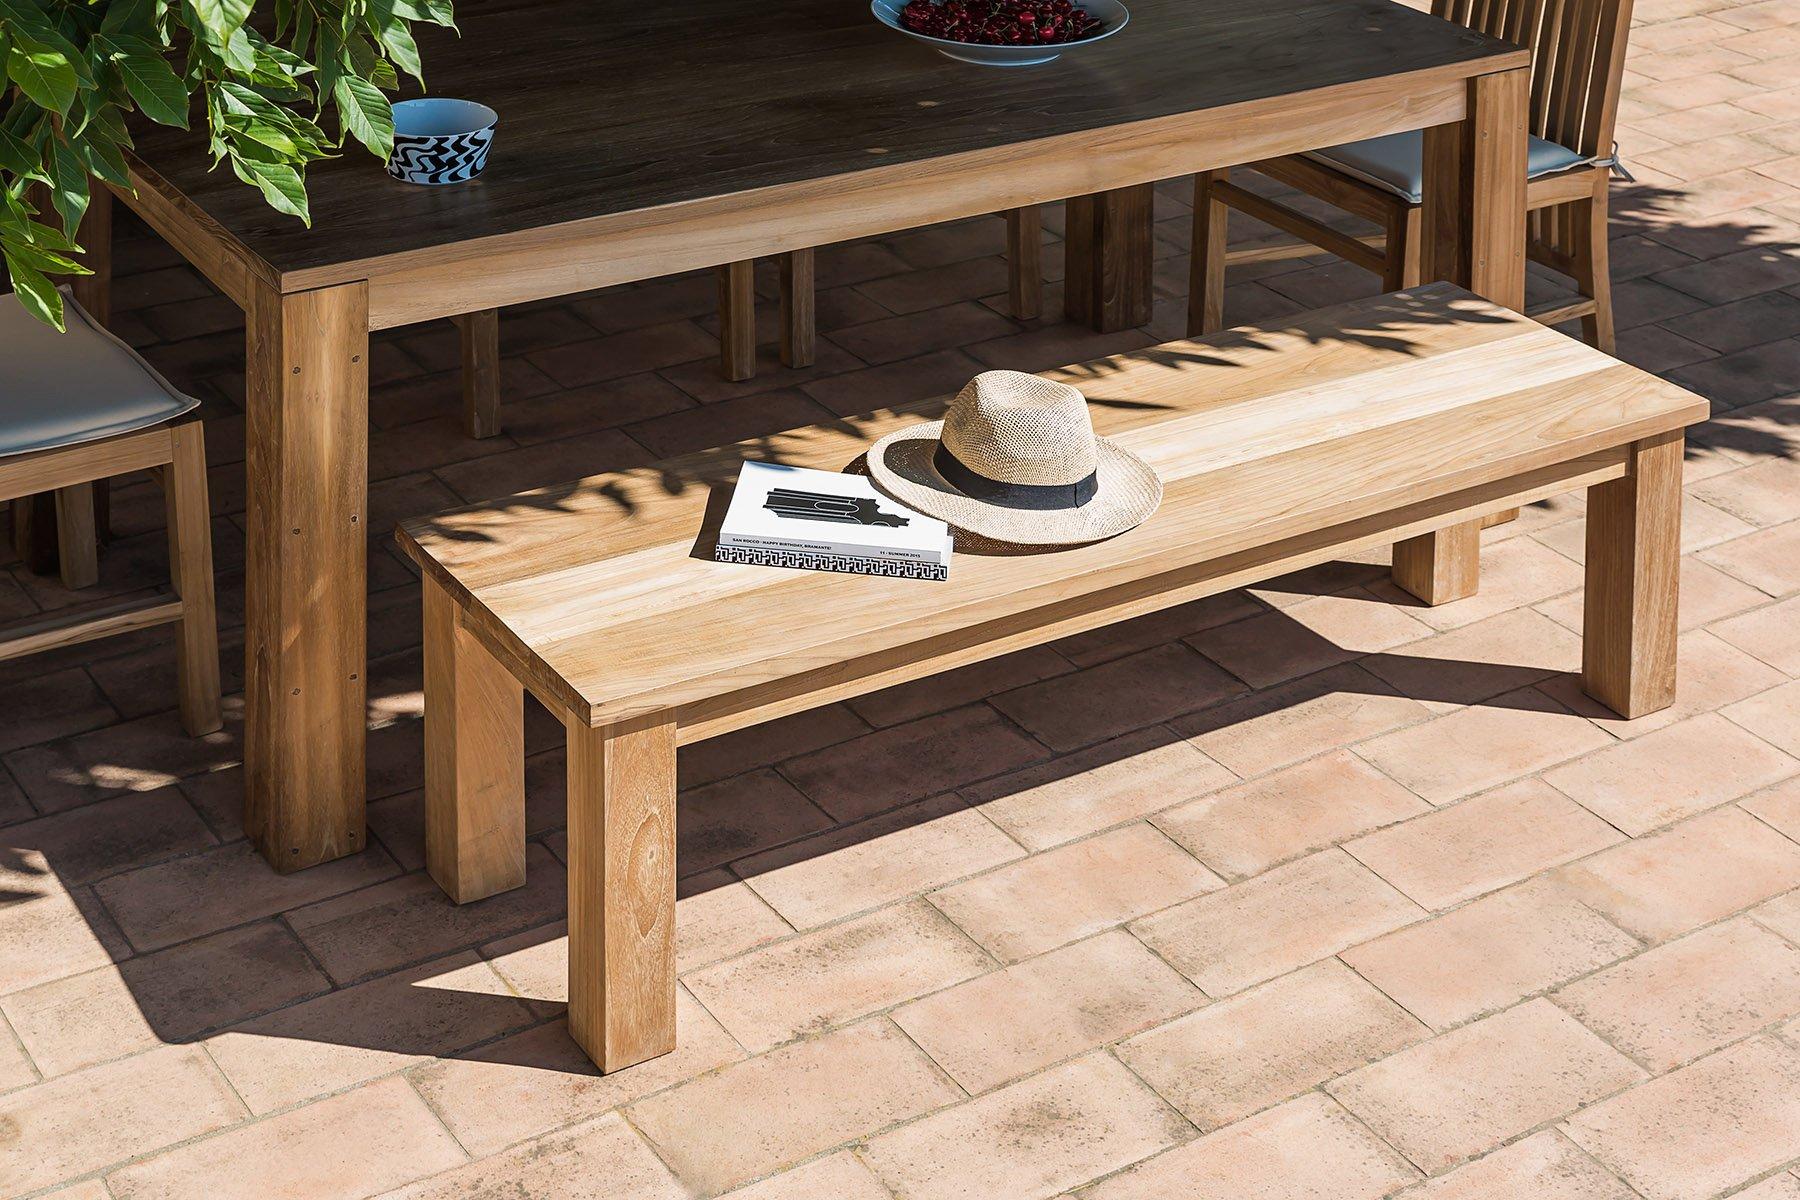 Panchine Da Giardino In Legno : Panca giardino legno panca da esterno a due posti in legno di